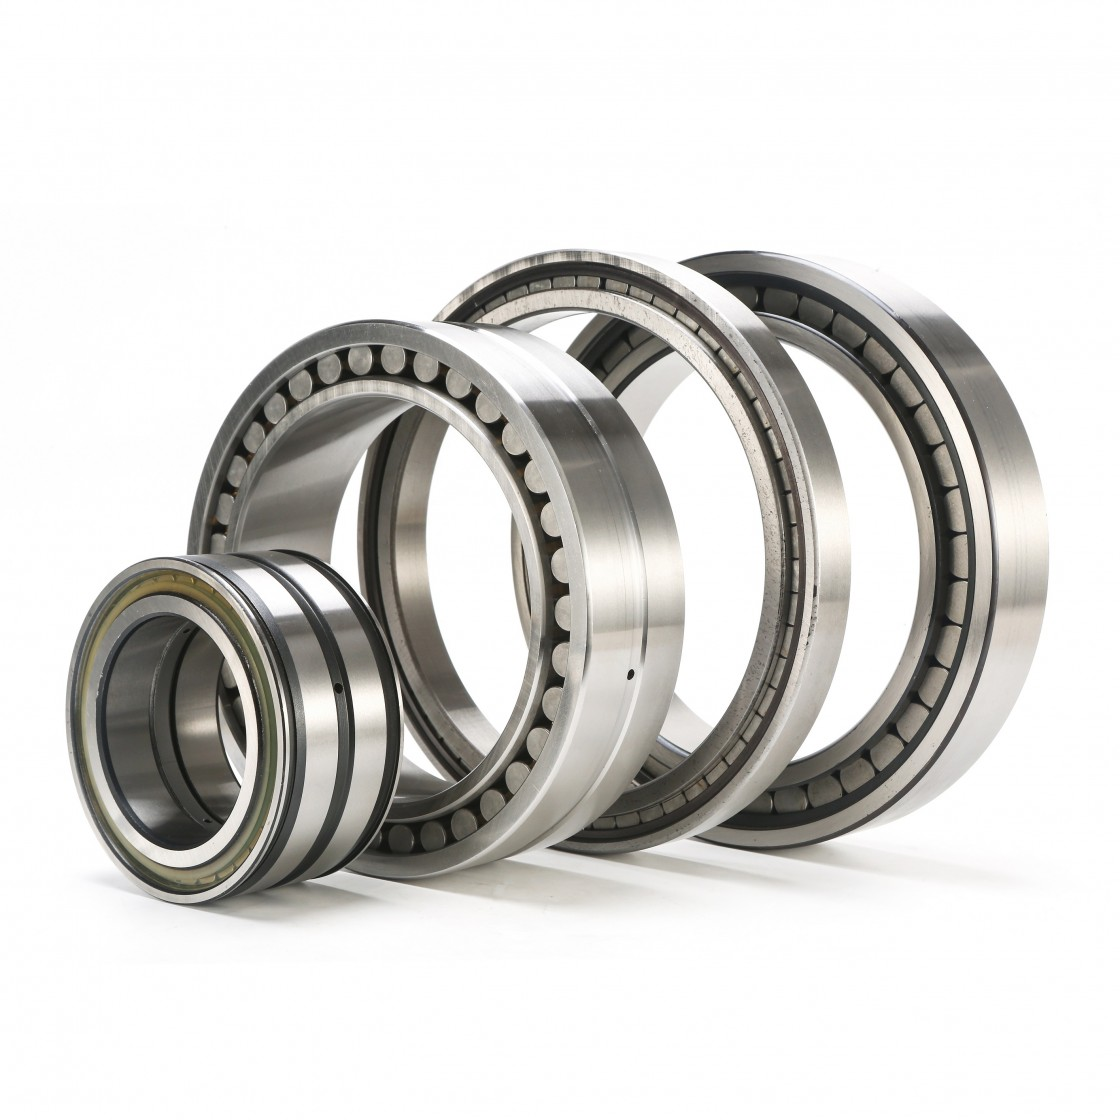 Loyal BC1-1697 air conditioning compressor bearing